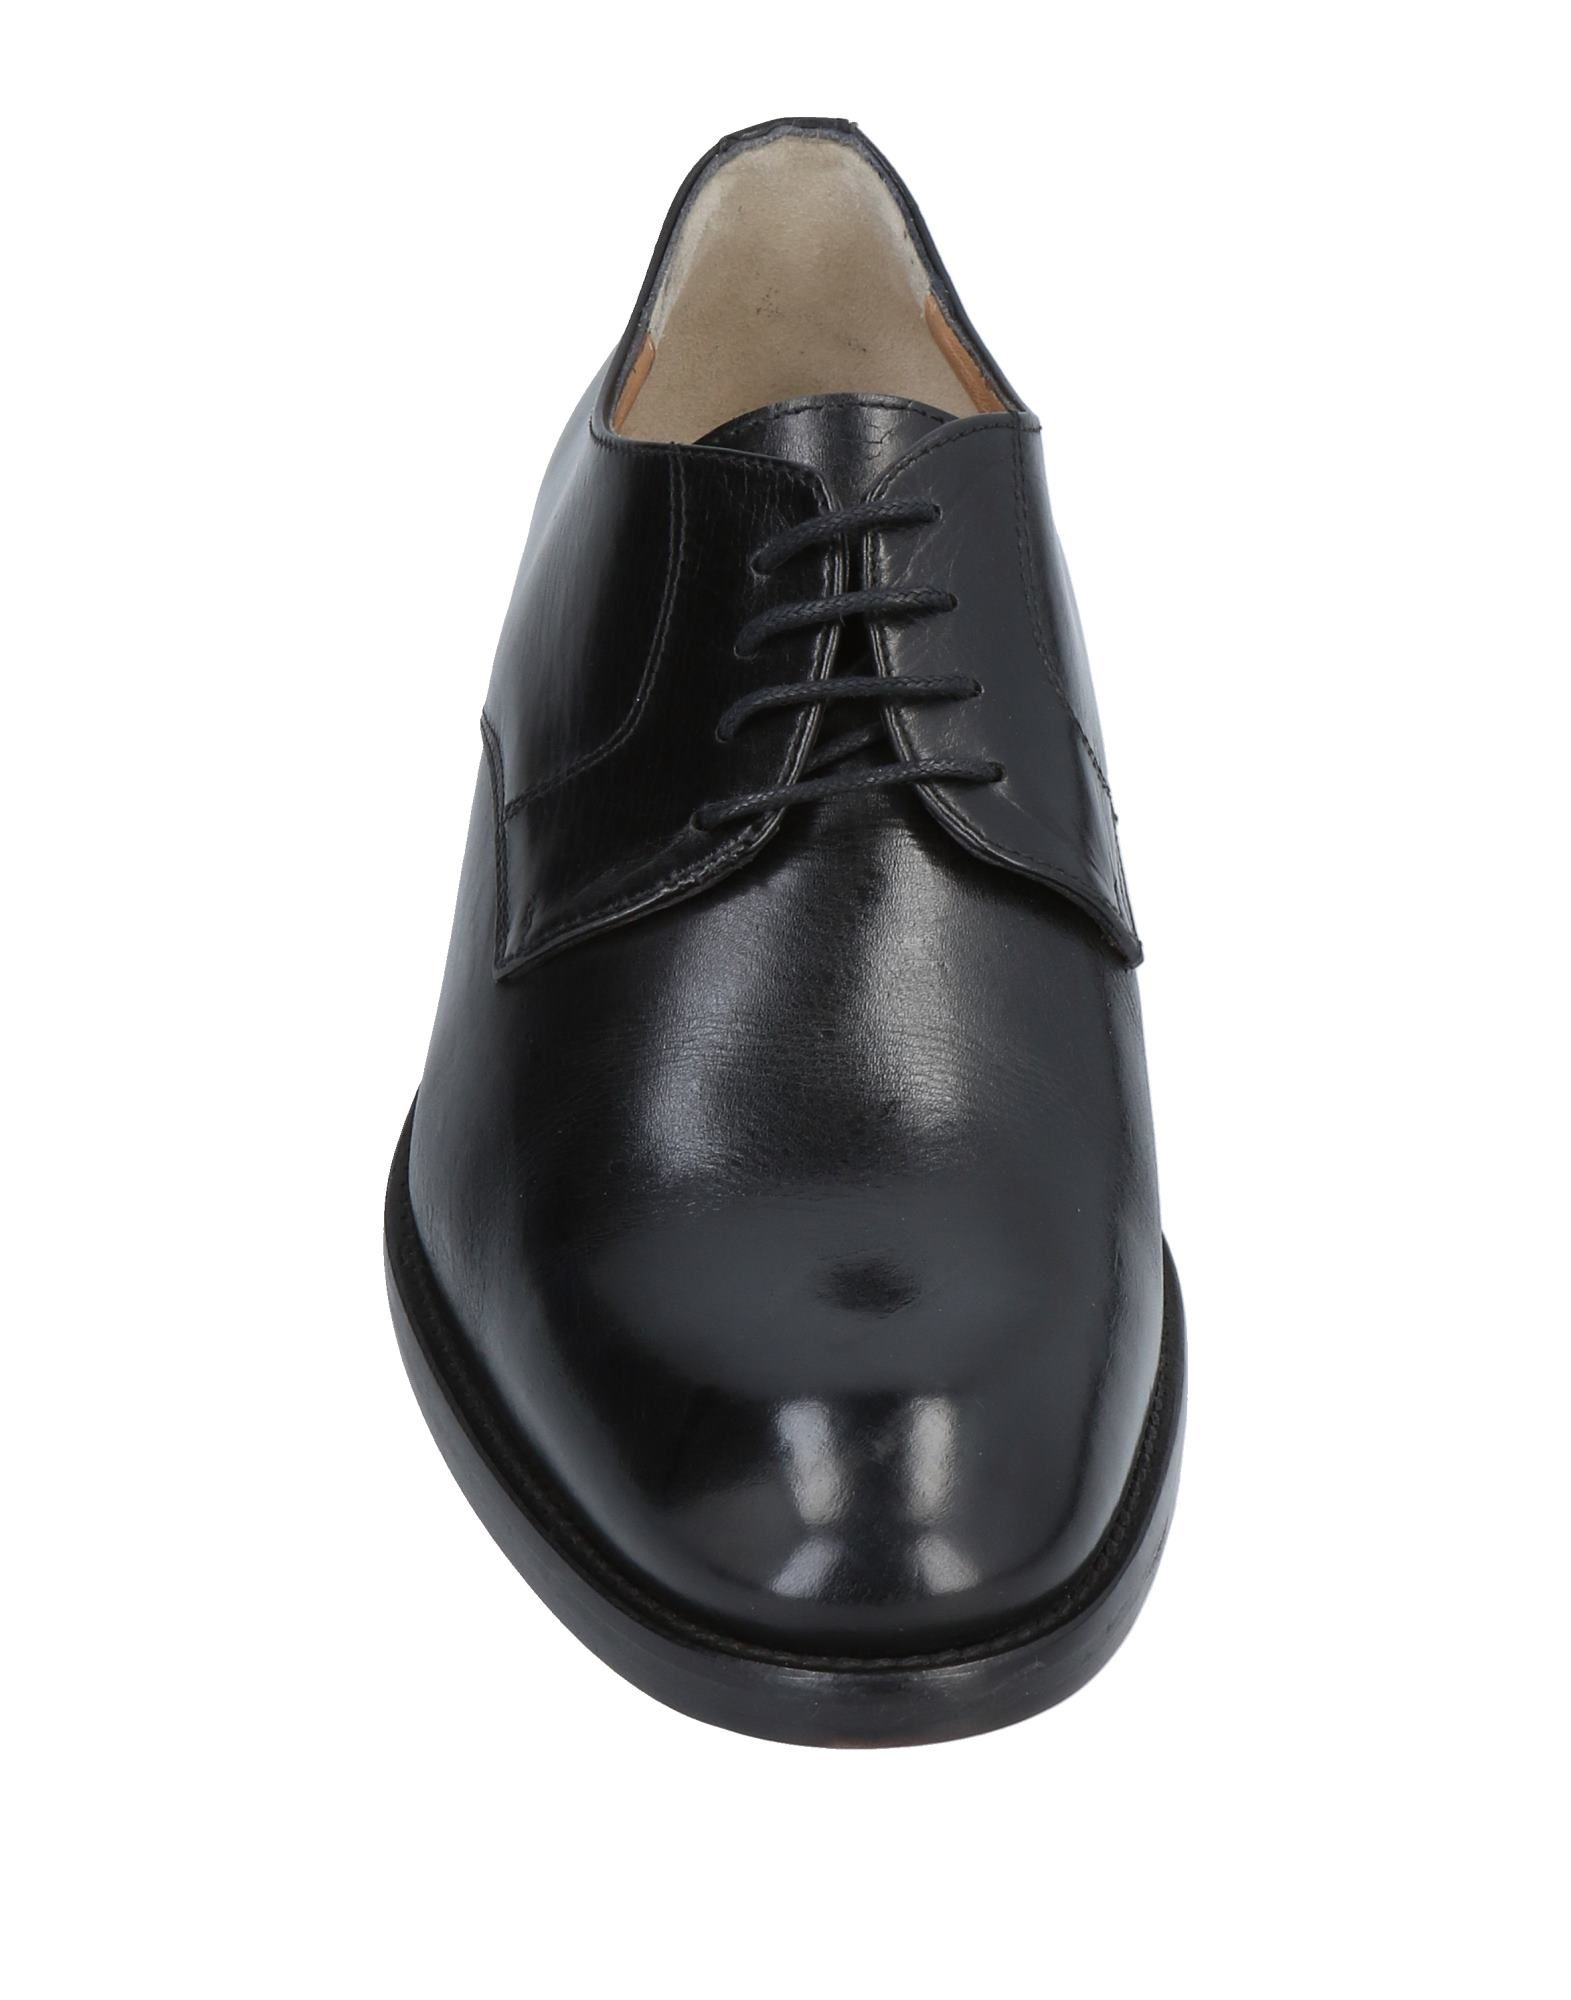 Rabatt echte Schuhe Il 11475483VB Calzolaio Schnürschuhe Herren  11475483VB Il df359e